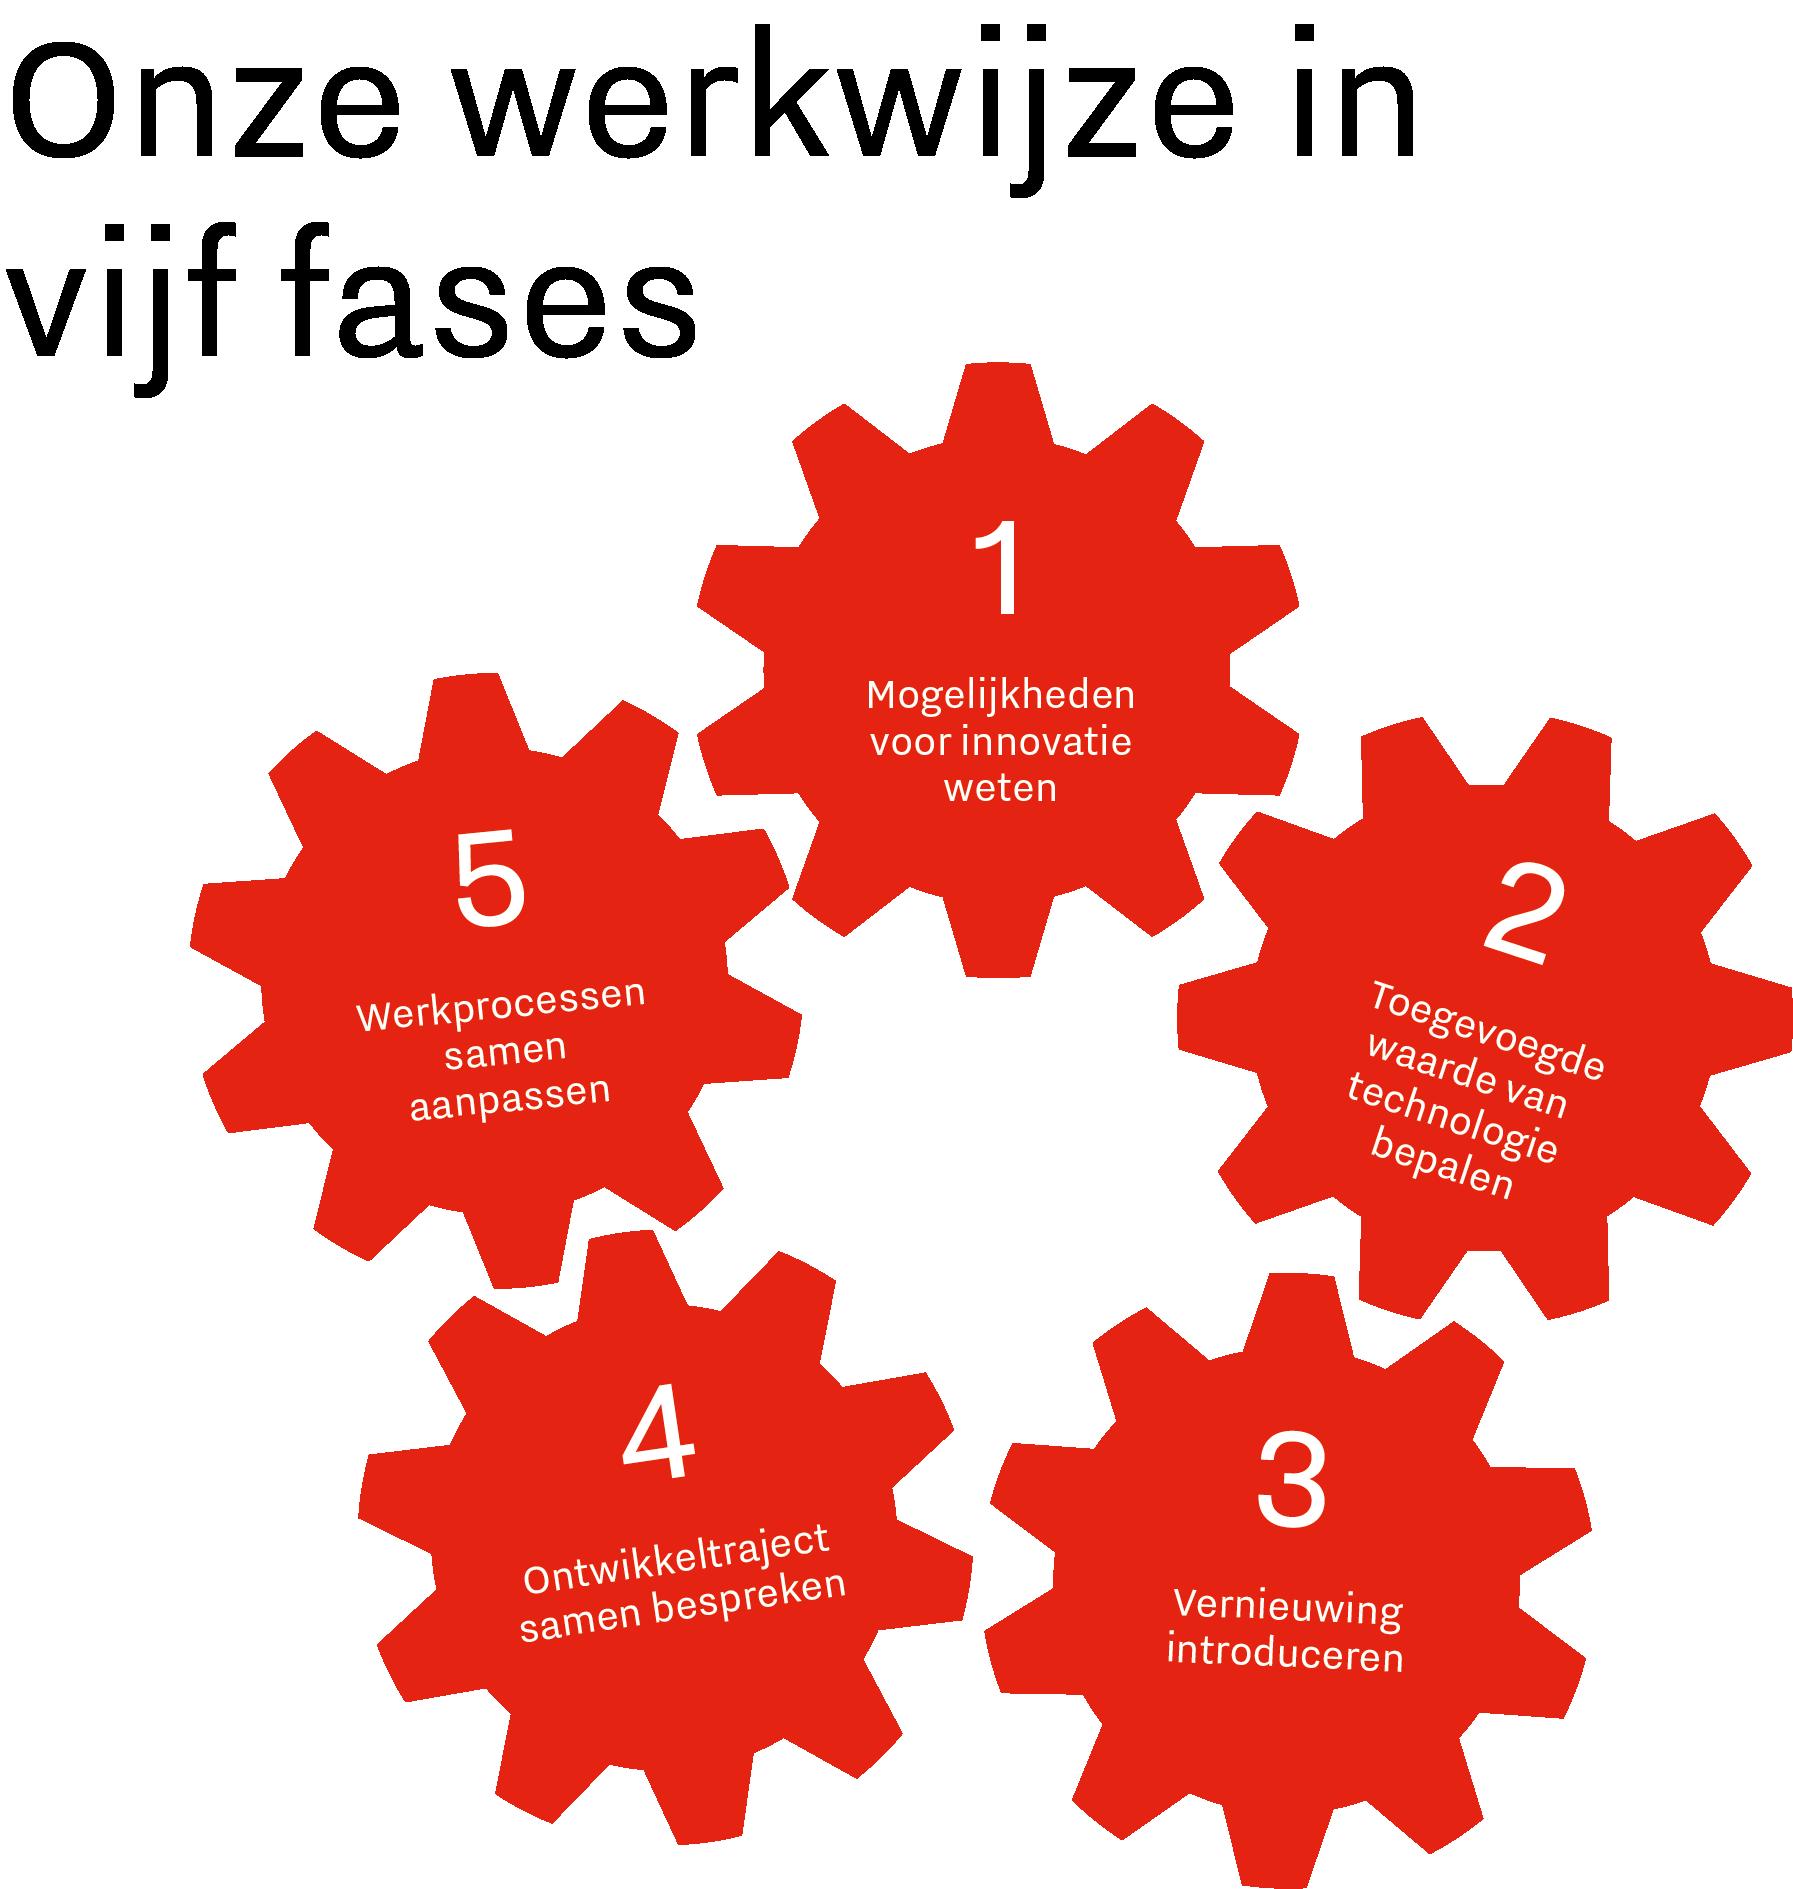 De afbeelding toont het proces van sociale innovatie. De eerste fase is weten wat de mogelijkheden zijn. De tweede is bepalen wat de toegevoegde waarde is van de innovatie die geïmplementeerd moet worden. Daarna wordt de vernieuwing in kaart gebracht en worden de kennis en vaardigheden van werkenden besproken. Als laatste worden de werkprocessen gewijzigd, zodat werkenden de innovatie optimaal benutten.